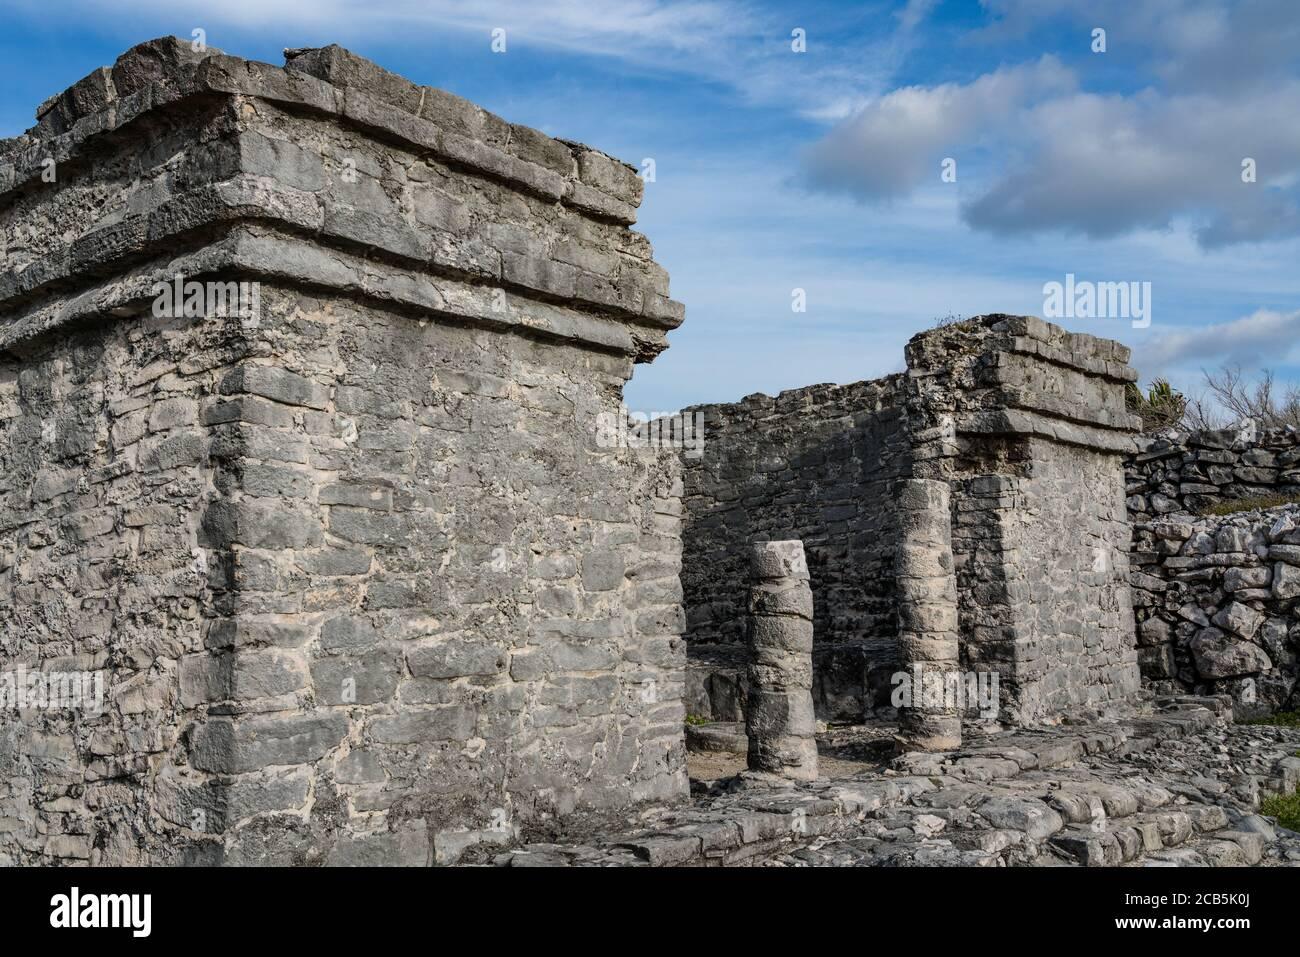 La Casa del Cenote en las ruinas de la ciudad maya de Tulum en la costa del Mar Caribe. Parque Nacional de Tulum, Quintana Roo, México. yo Foto de stock